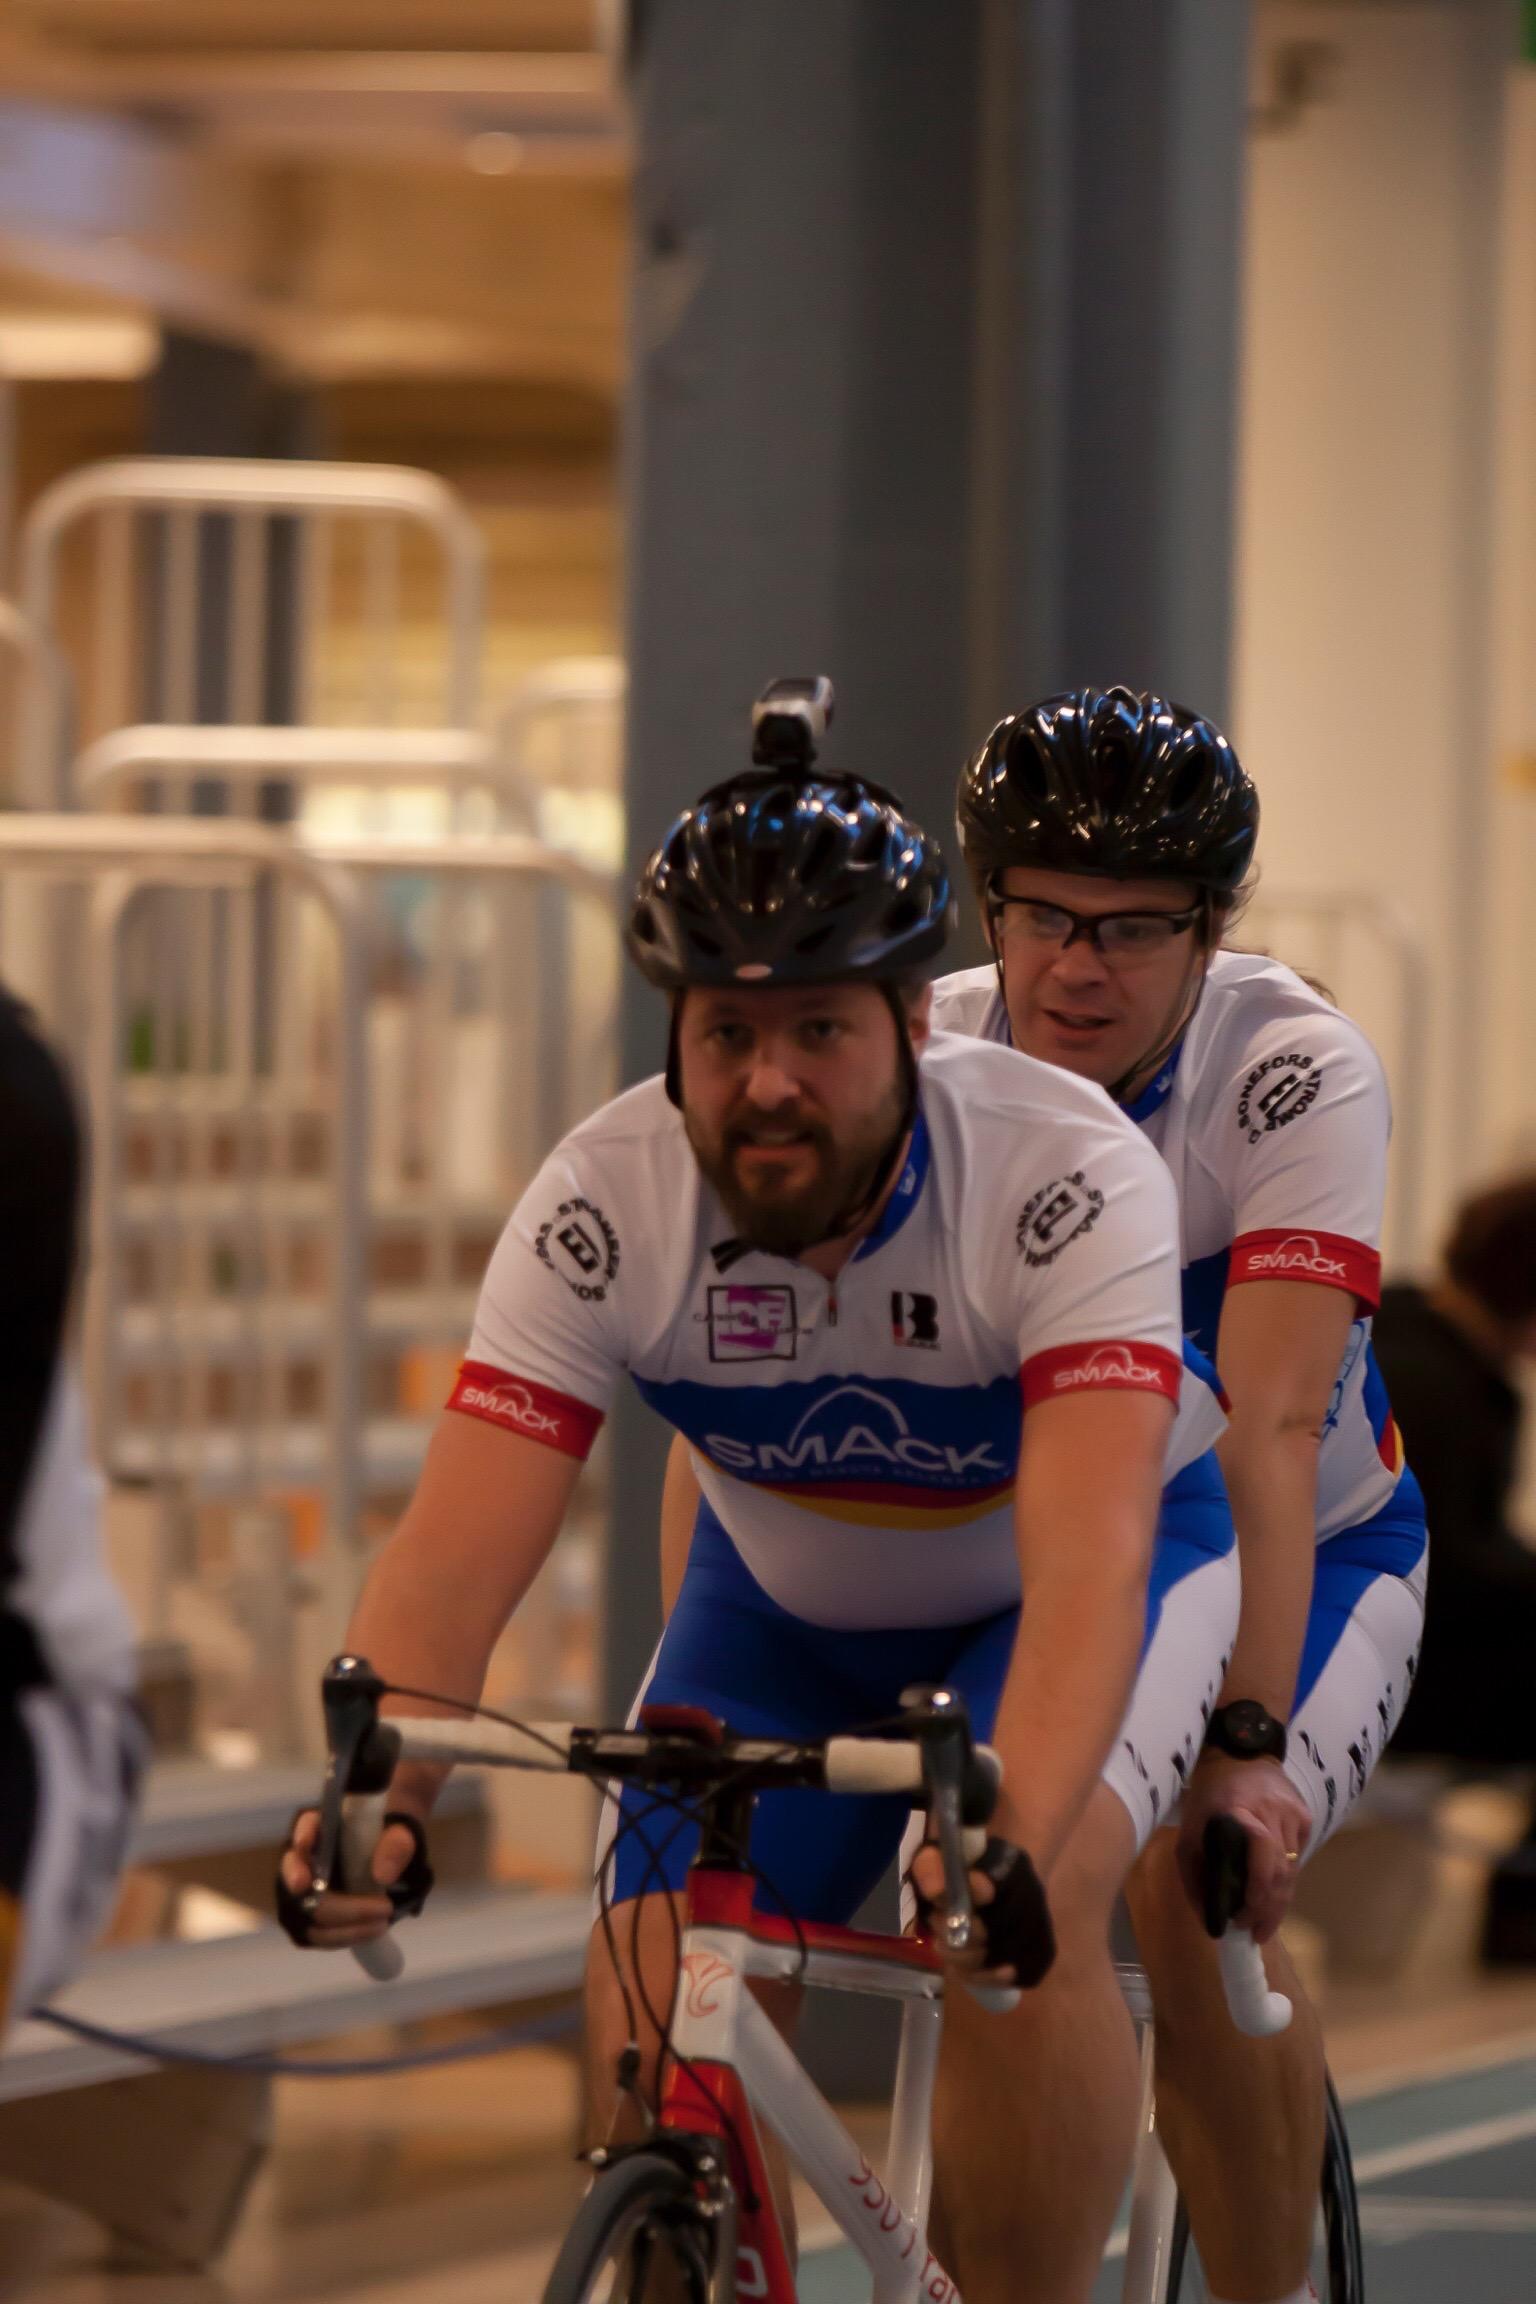 Bild: Joakim Nömell & Thomas Egrelius cyklar tandemcykel i Munktellarenan